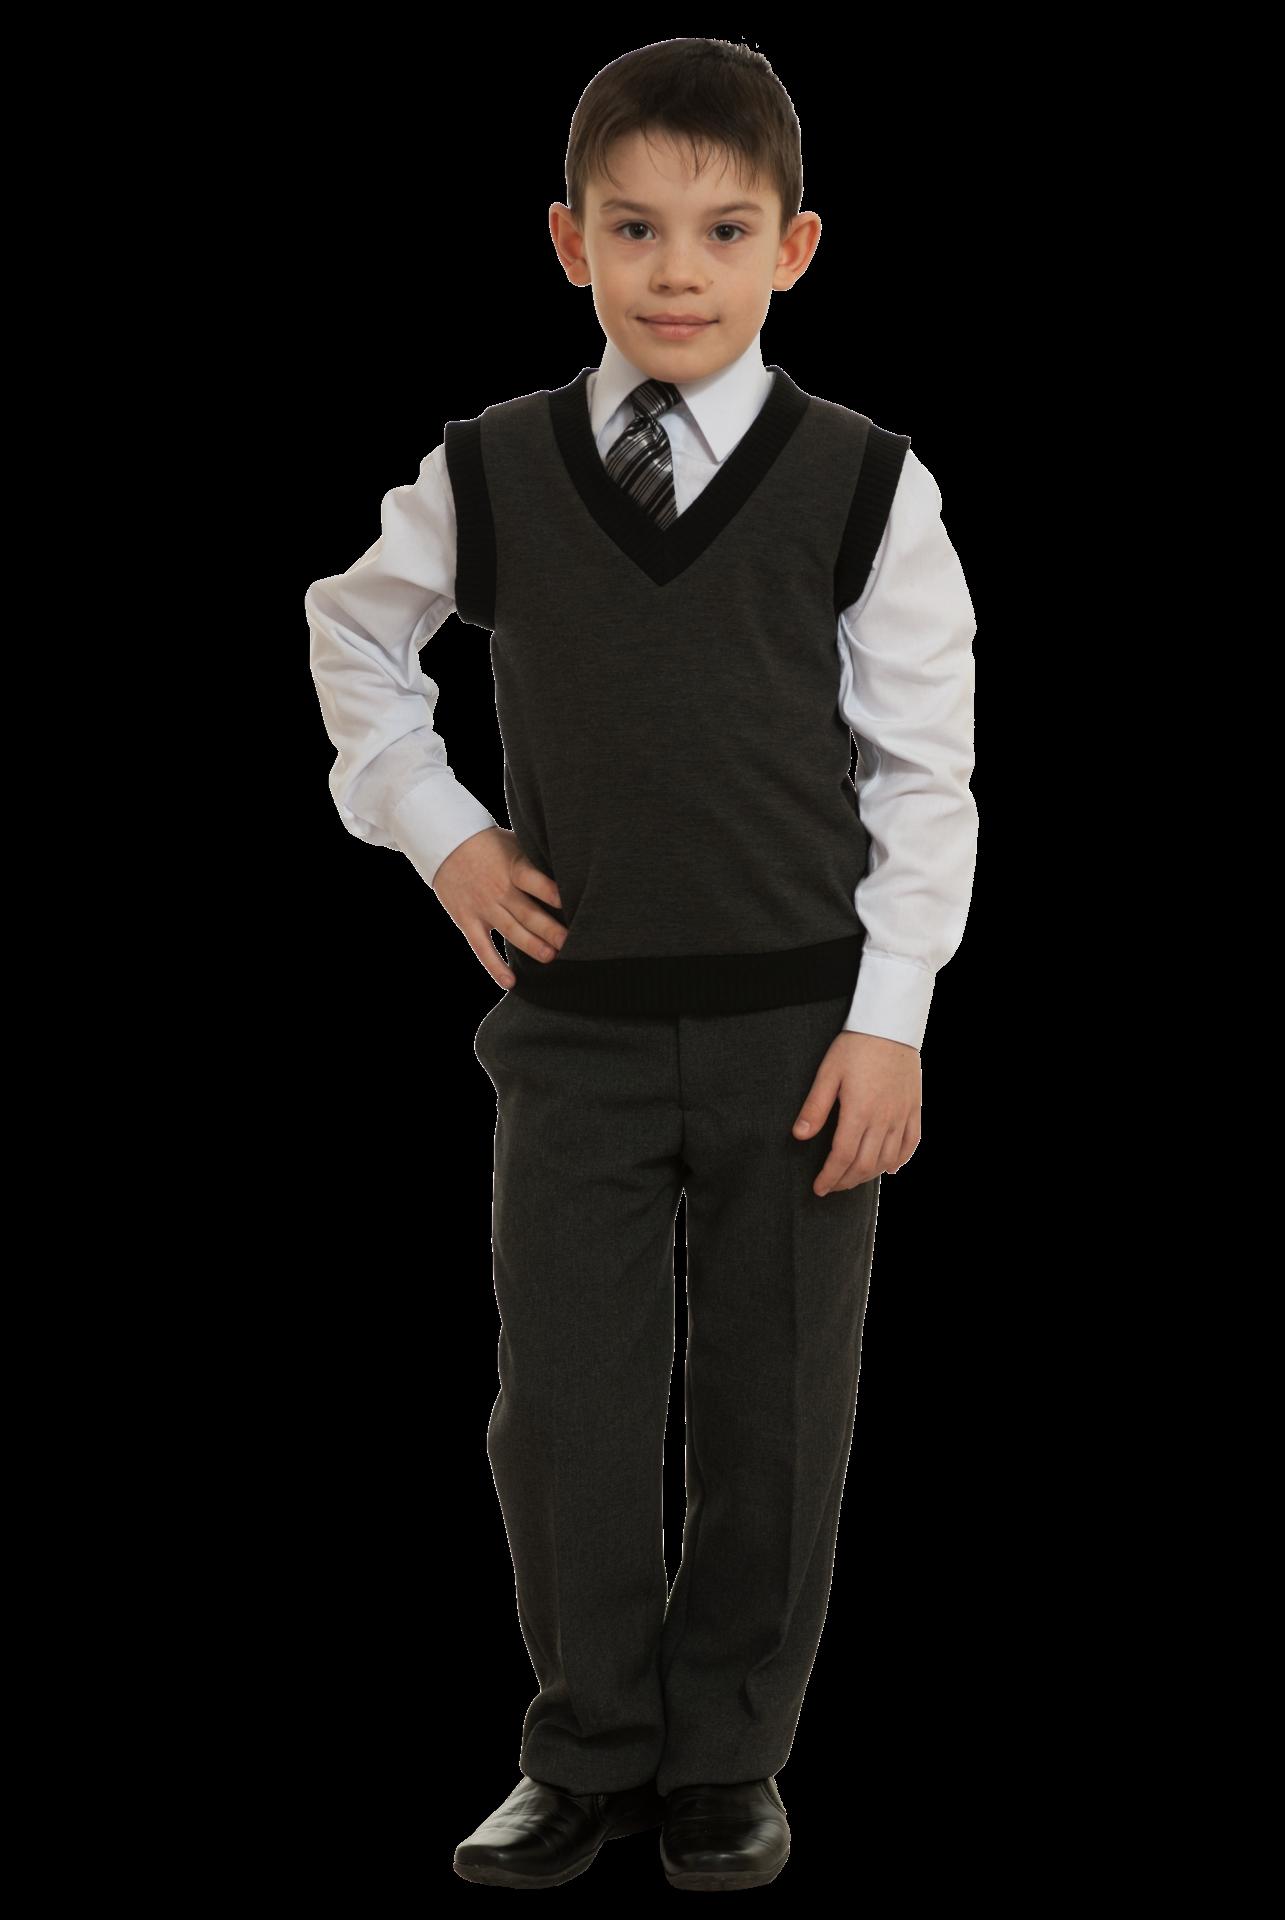 купить школьные брюки для мальчика в москве